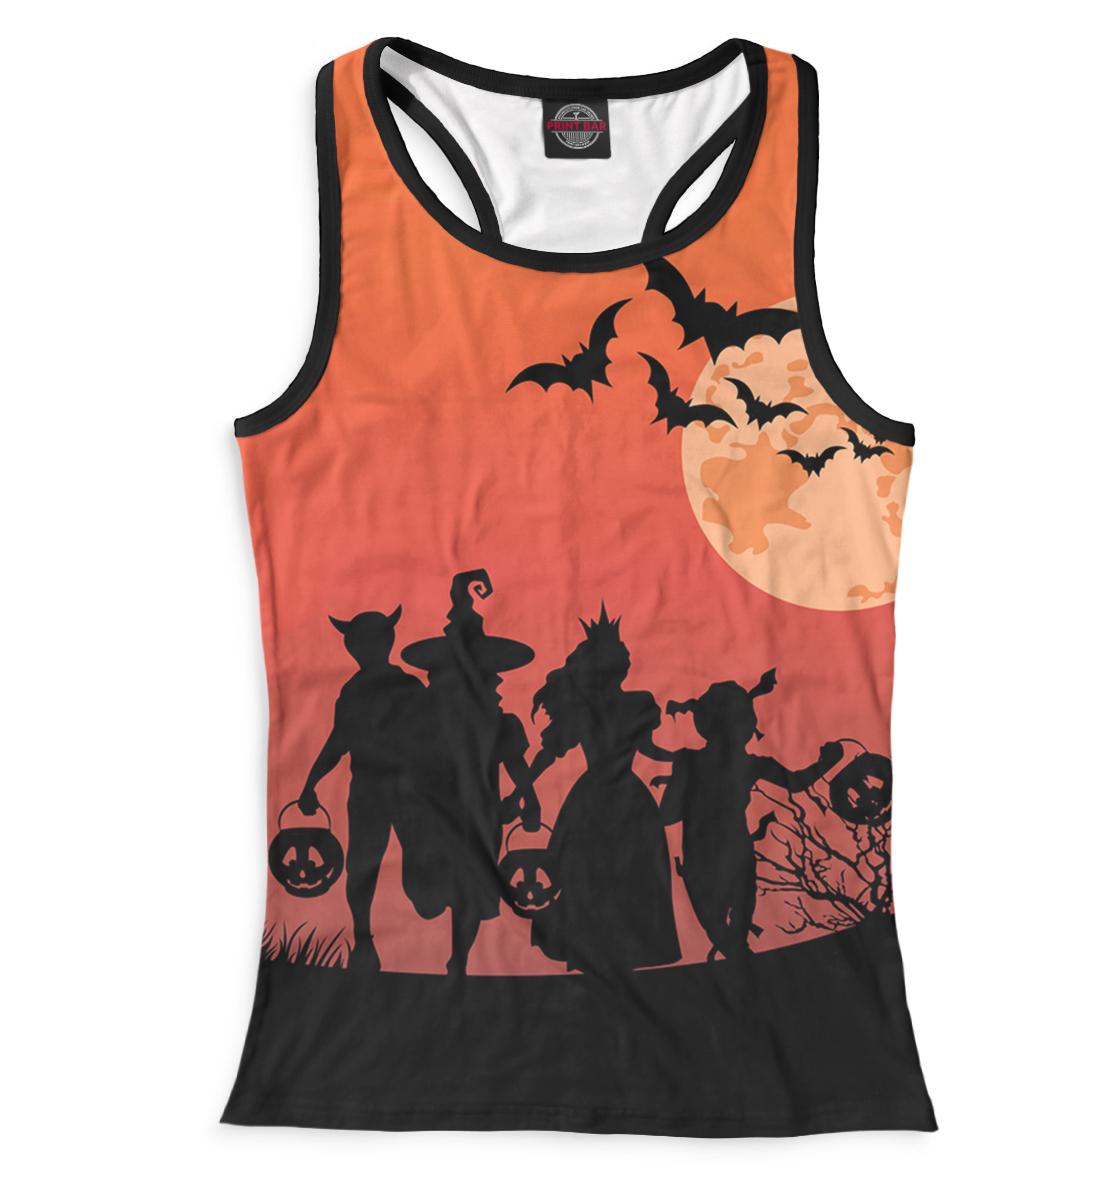 Купить Женская майка-борцовка Halloween HAL-636858-mayb-1